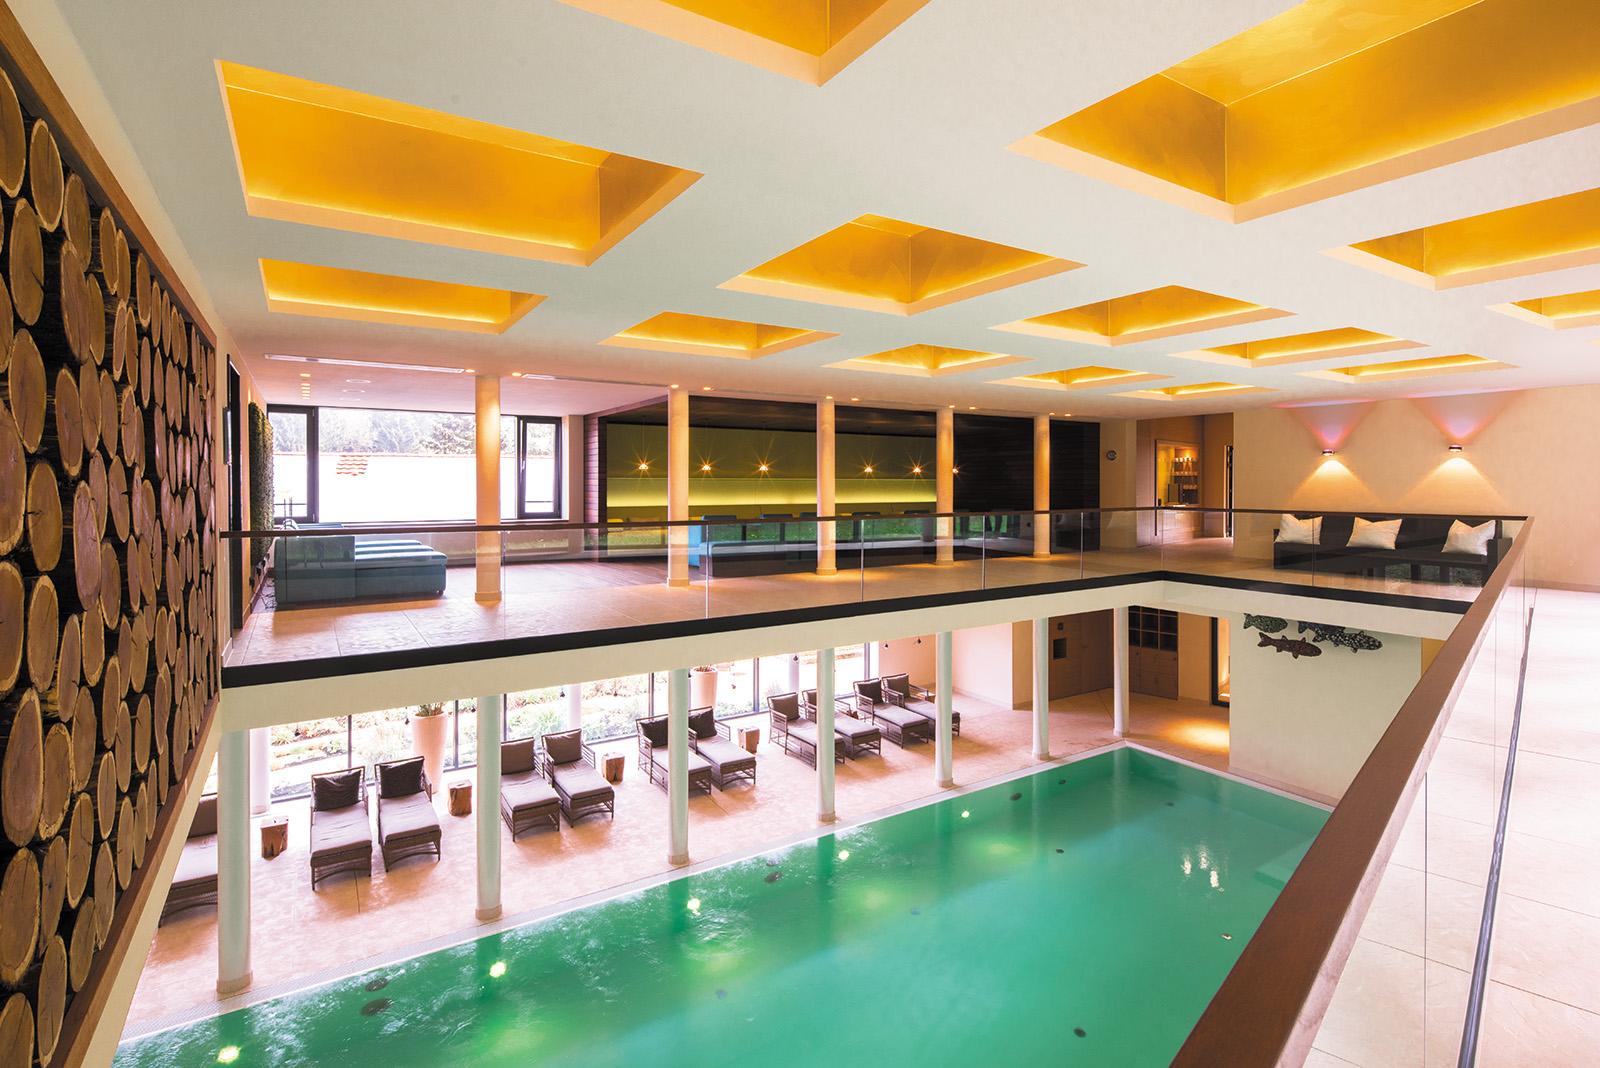 Blick in den Pool im Resort Schindelbruch im Harz, Foto: Schindelbruch